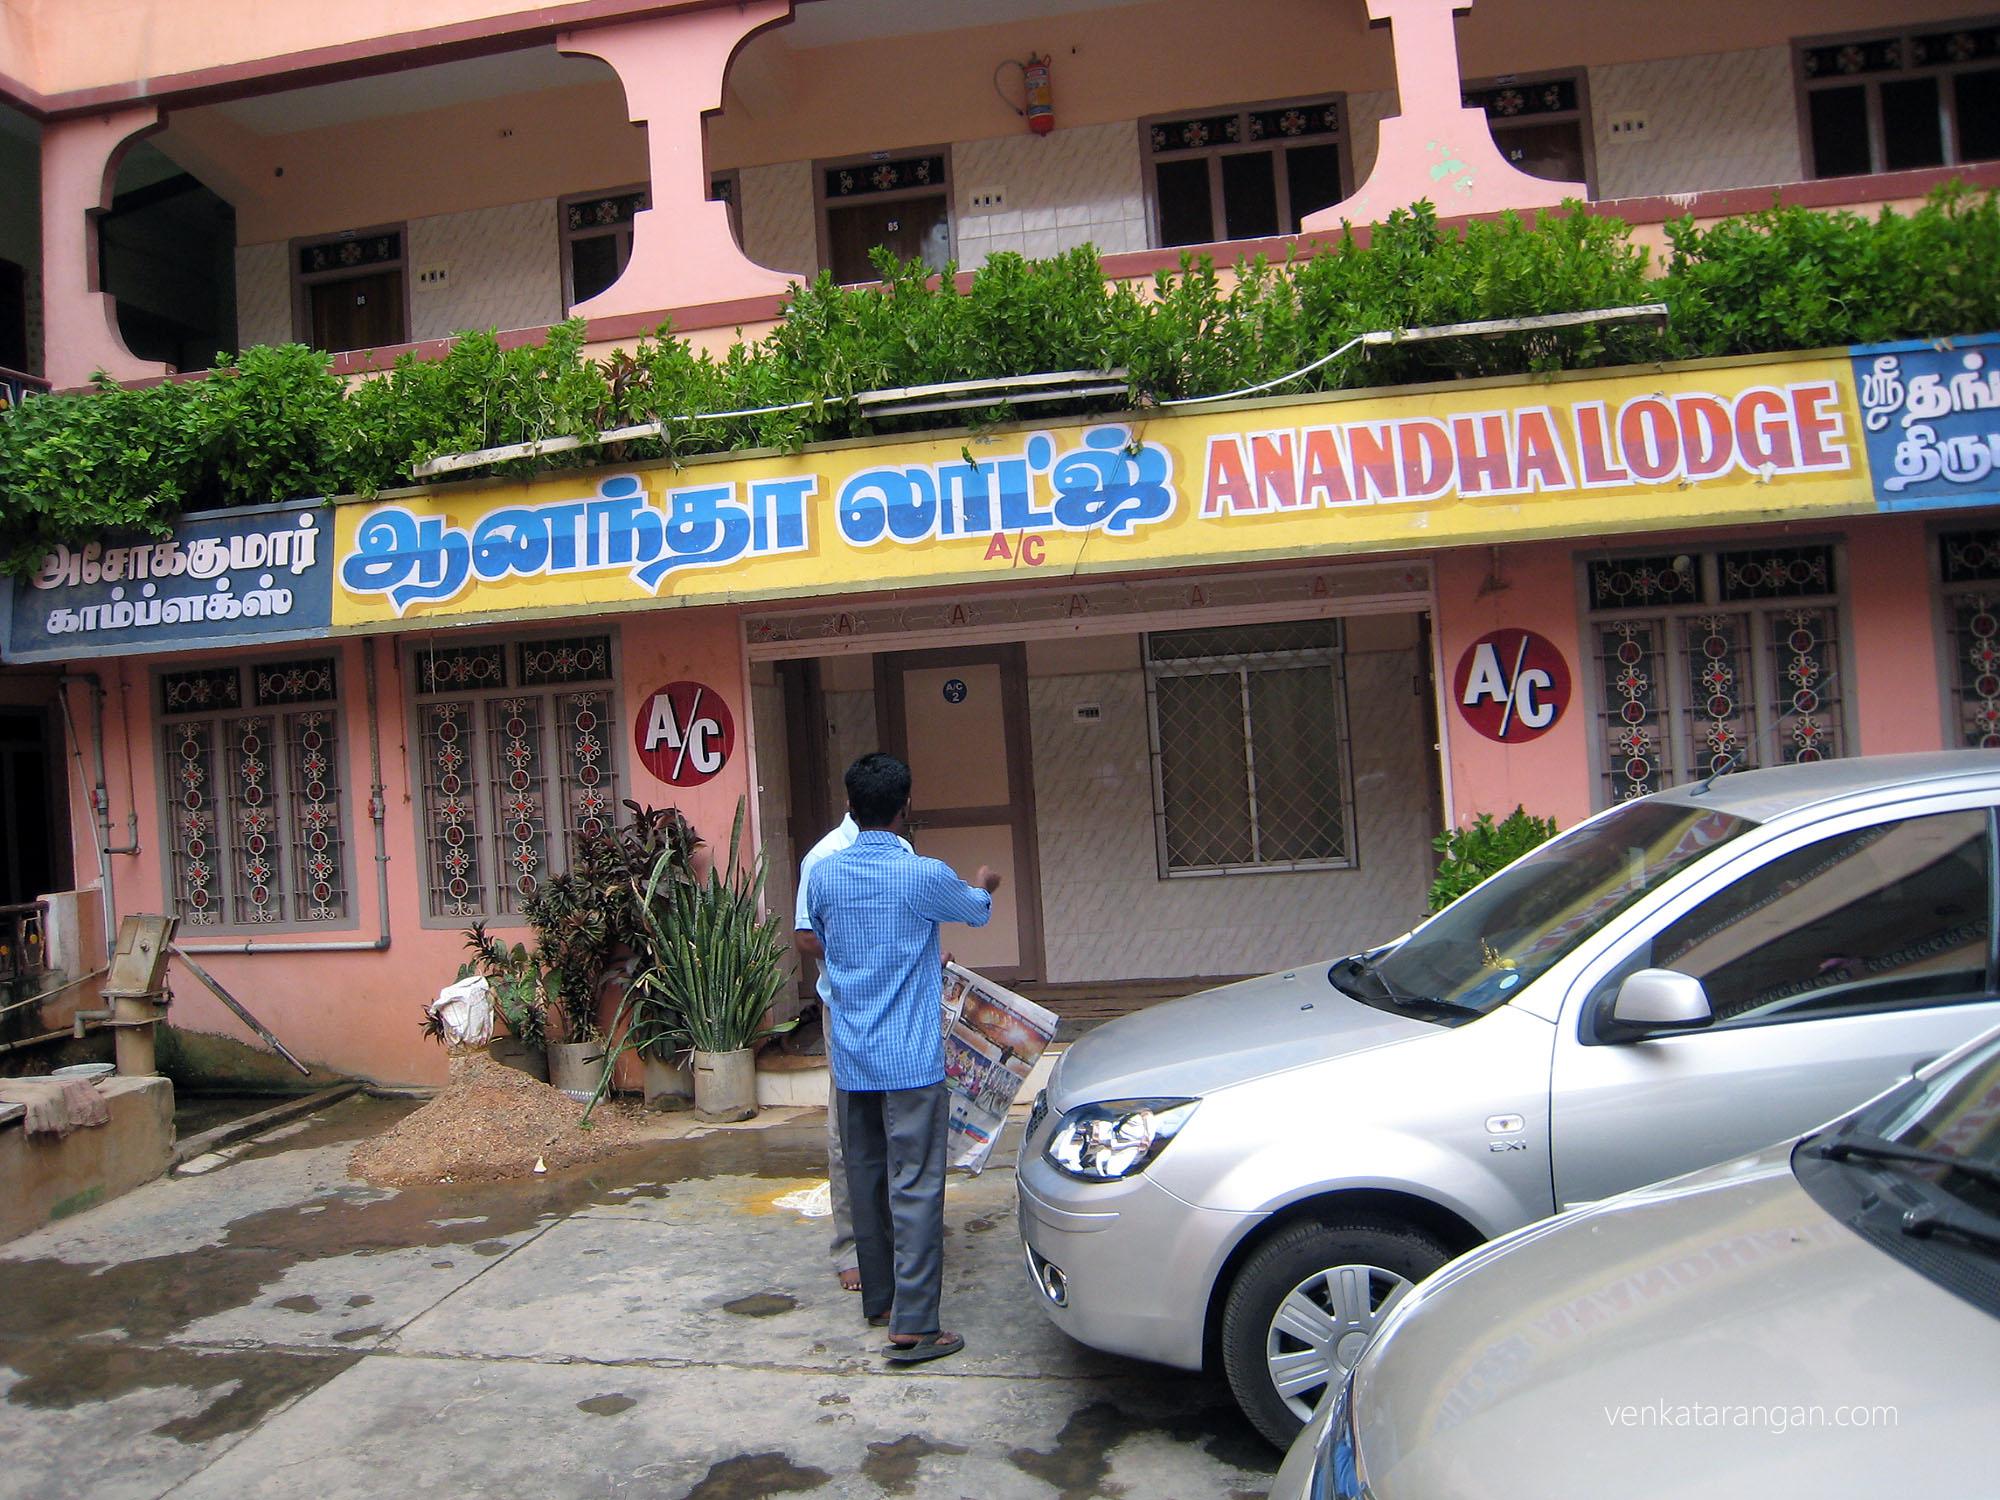 ஆனந்தா லாட்ஜ் - Anandha Lodge where we stayed